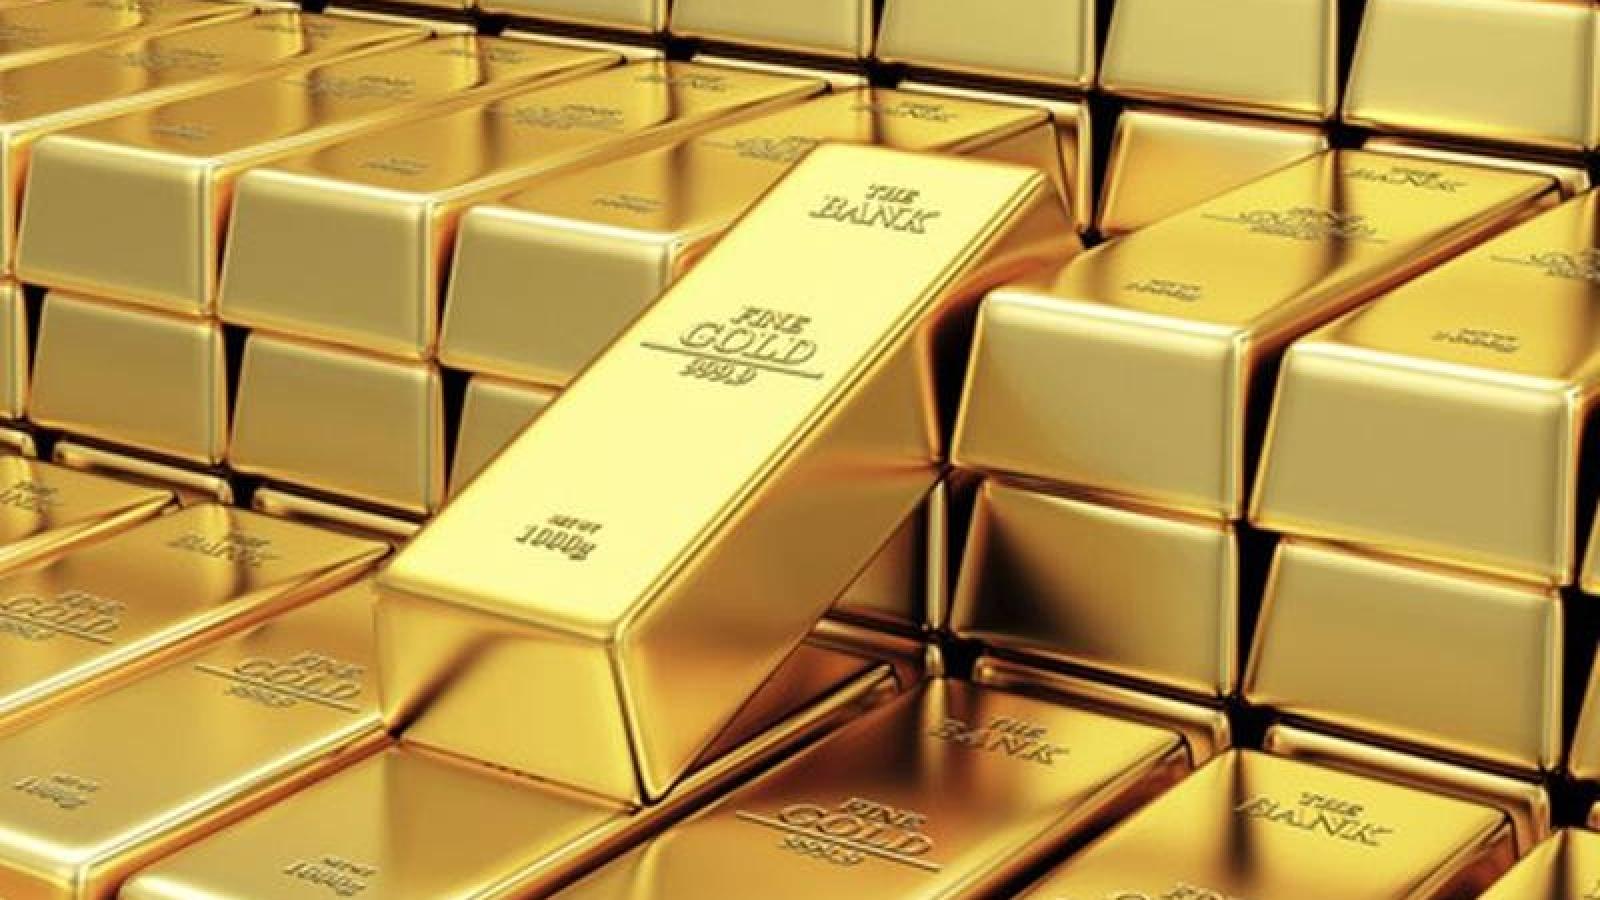 Giá vàng trong nước tăng mạnh theo đà tăng của vàng thế giới